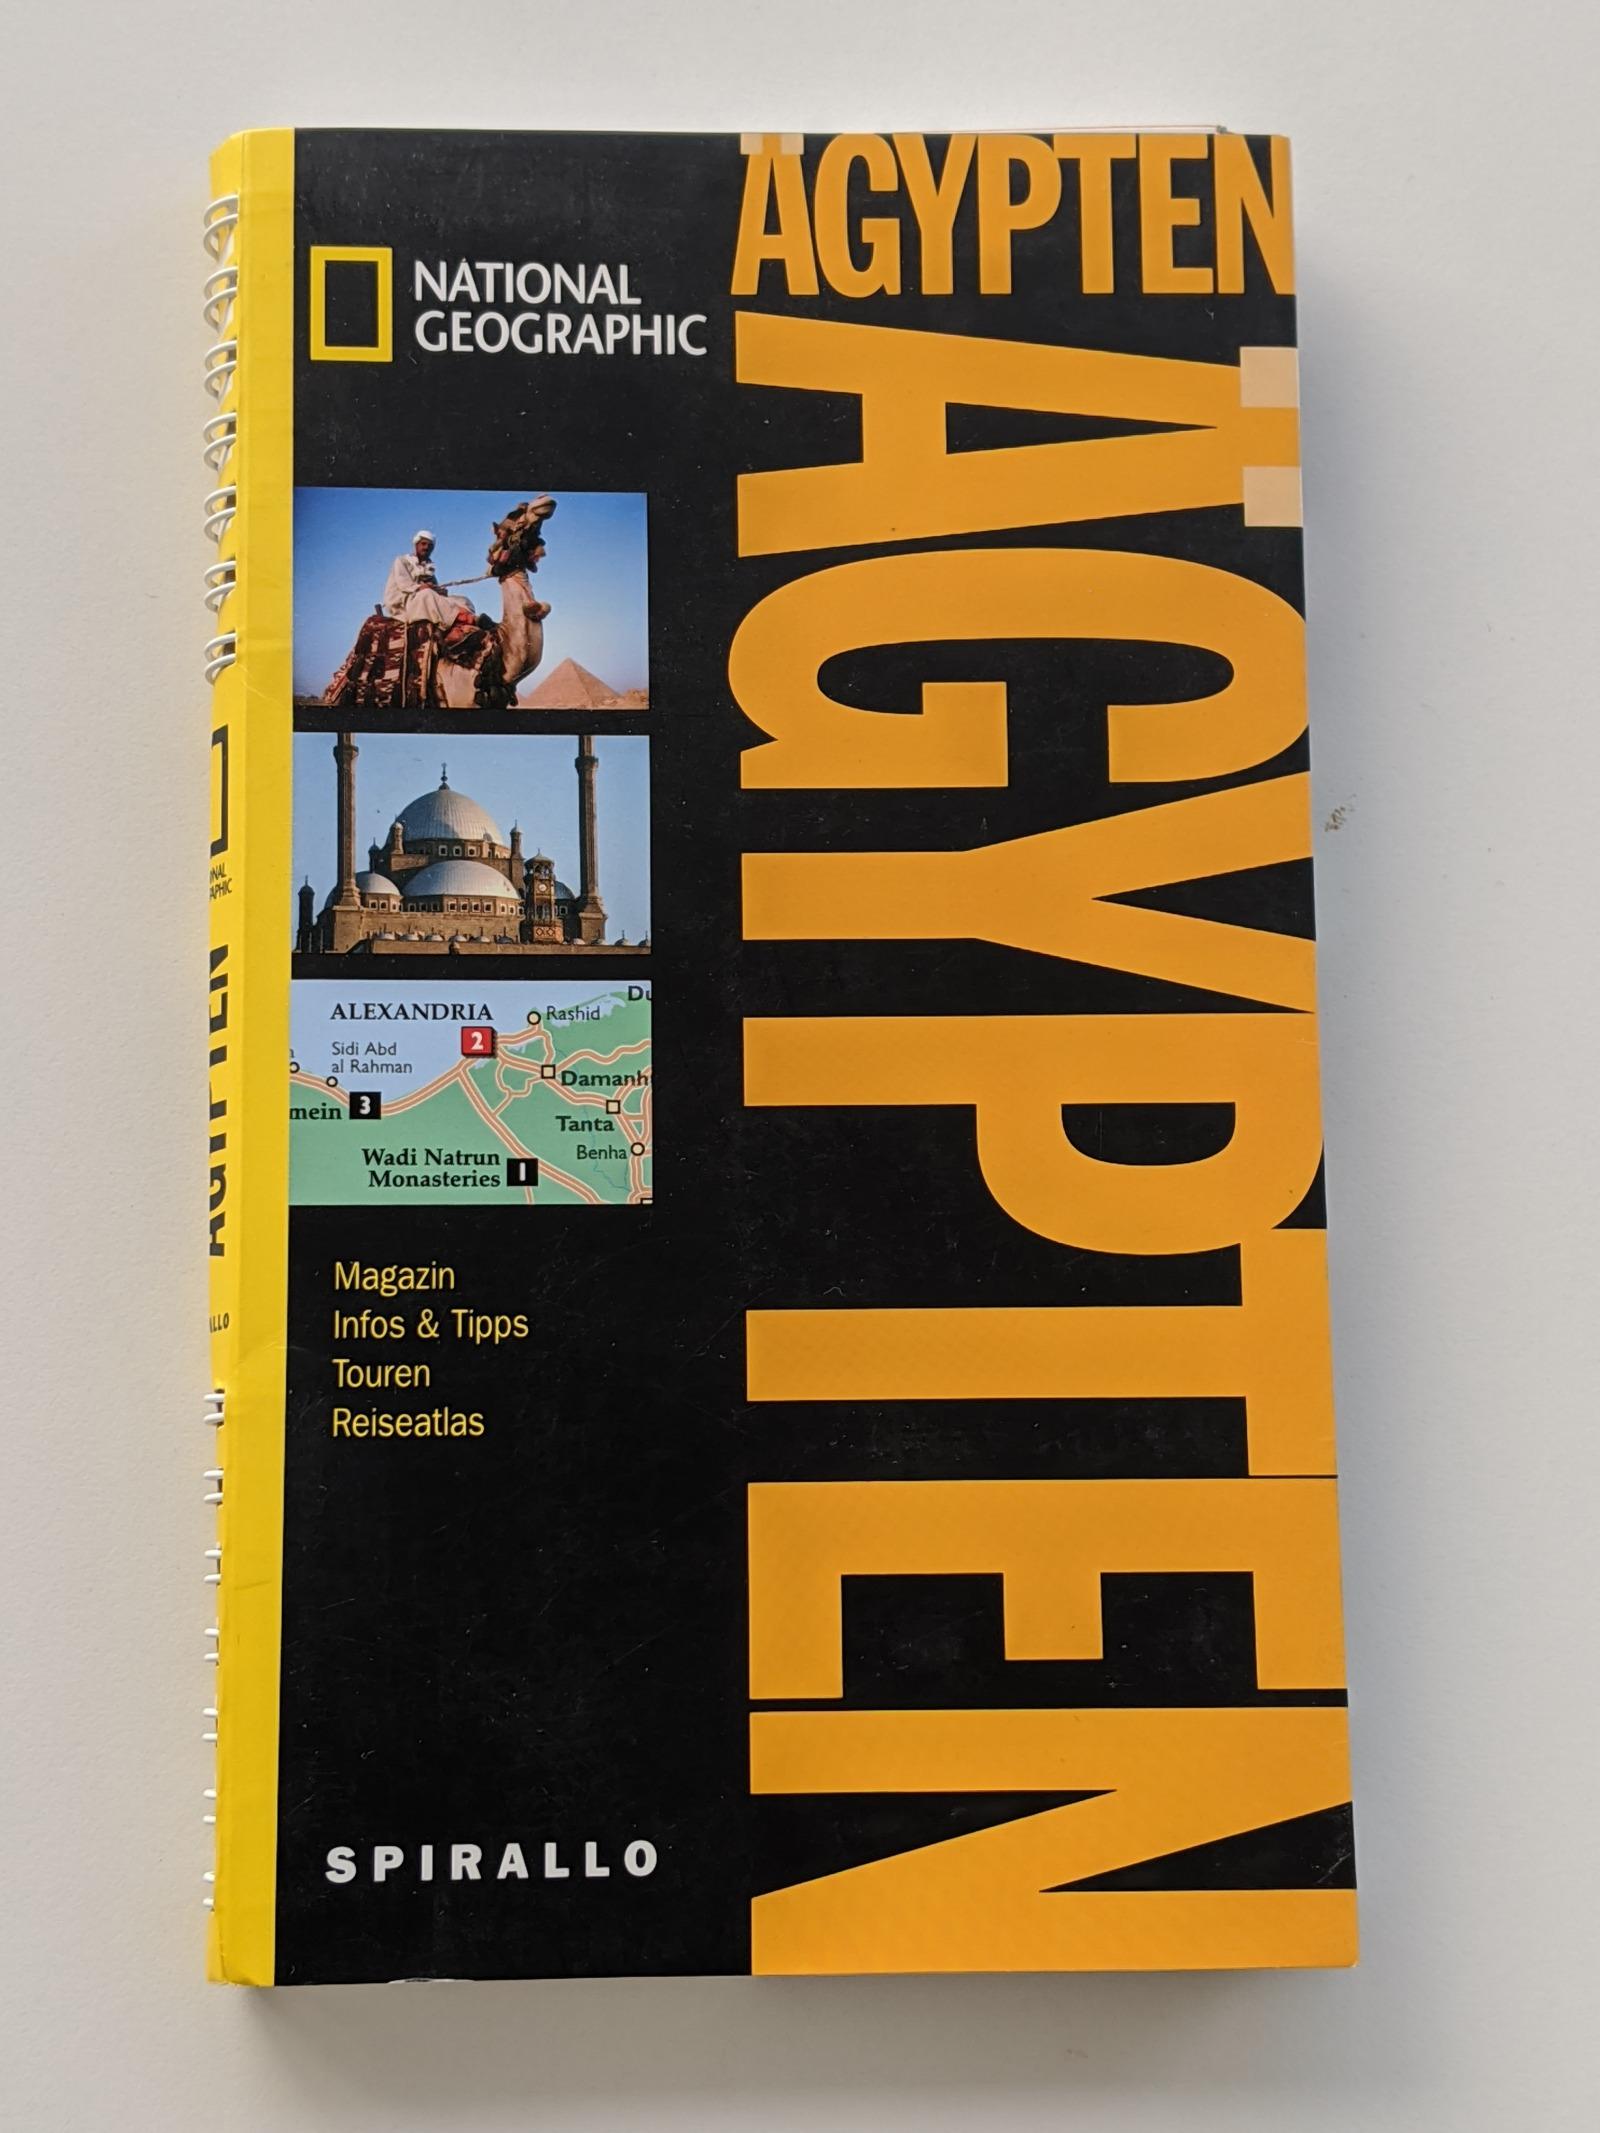 Ägypten  3. Auflage. - Sattin, Anthony (Mitwirkender), Maria (Herausgeber) Morgan und Sylvie (Mitwirkender) Franquet